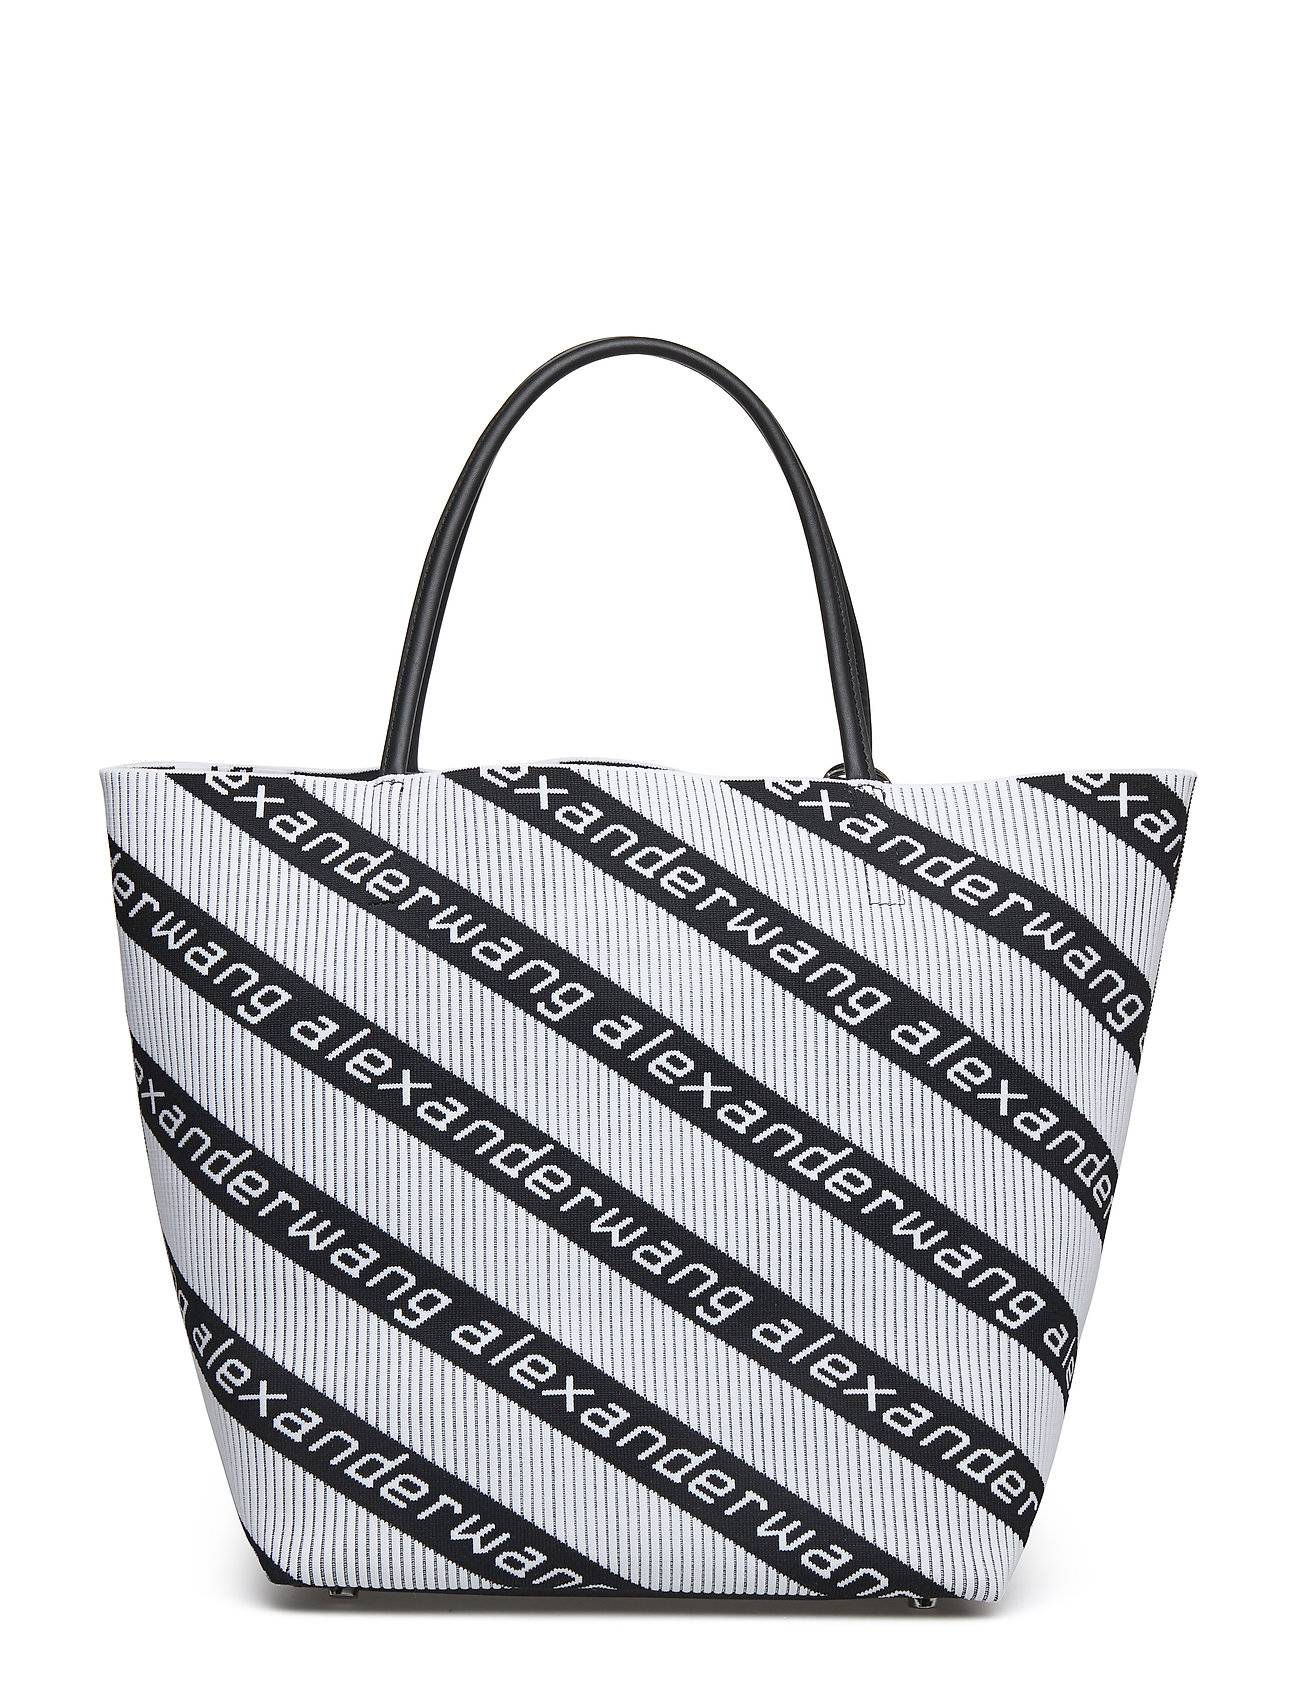 Alexander Wang Knit Jcqd Roxy Sft Lg Tote Wht/Blk Diagonal Logo/Ir